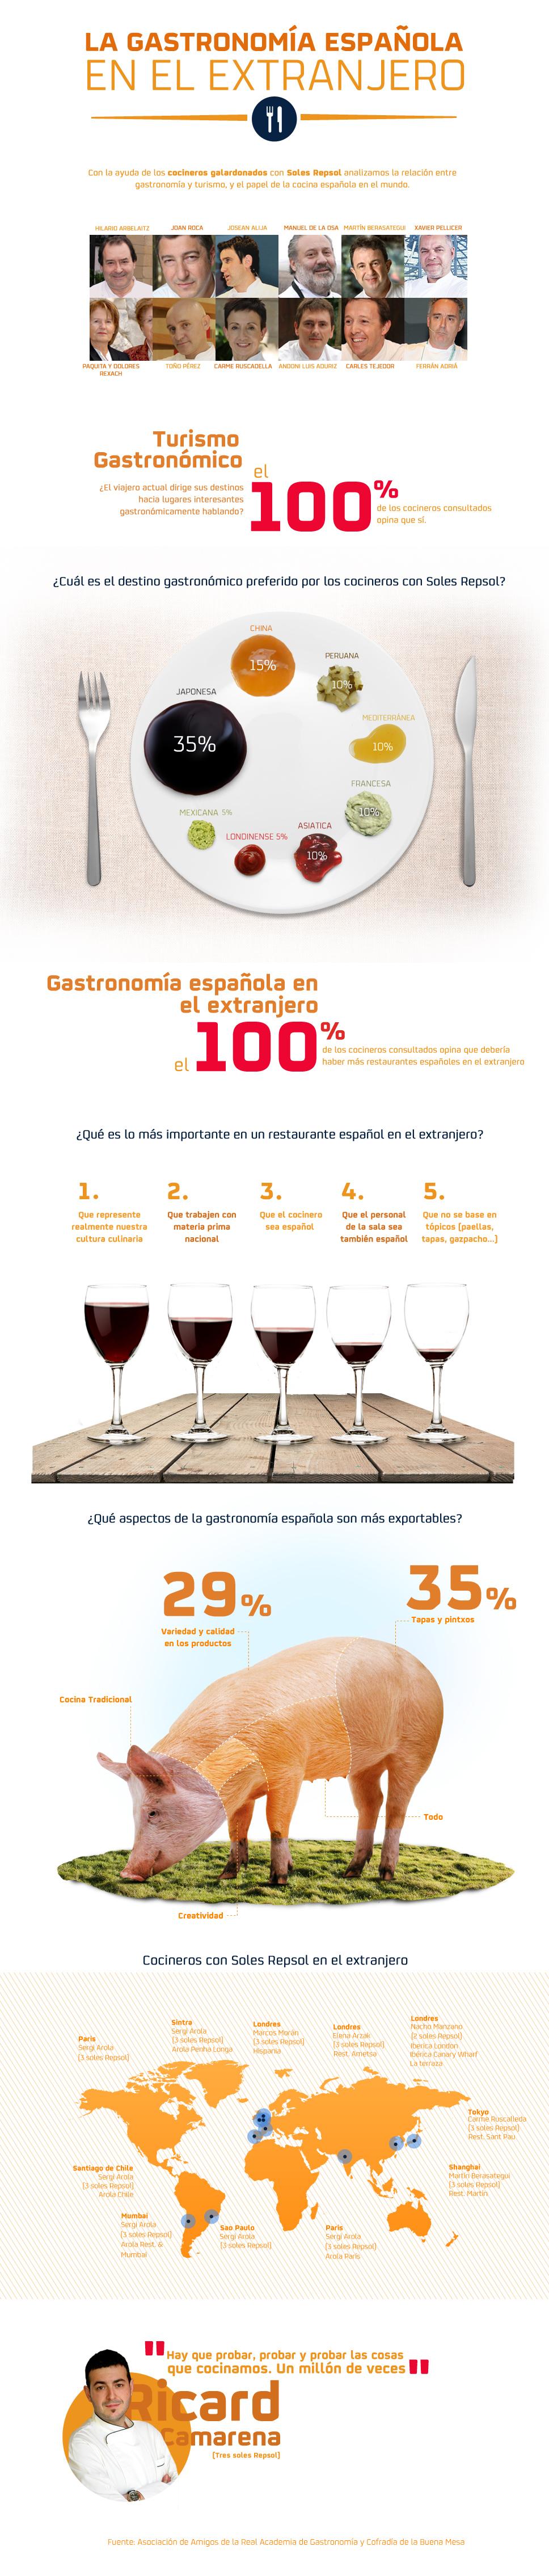 La gastronomía española en el extranjero